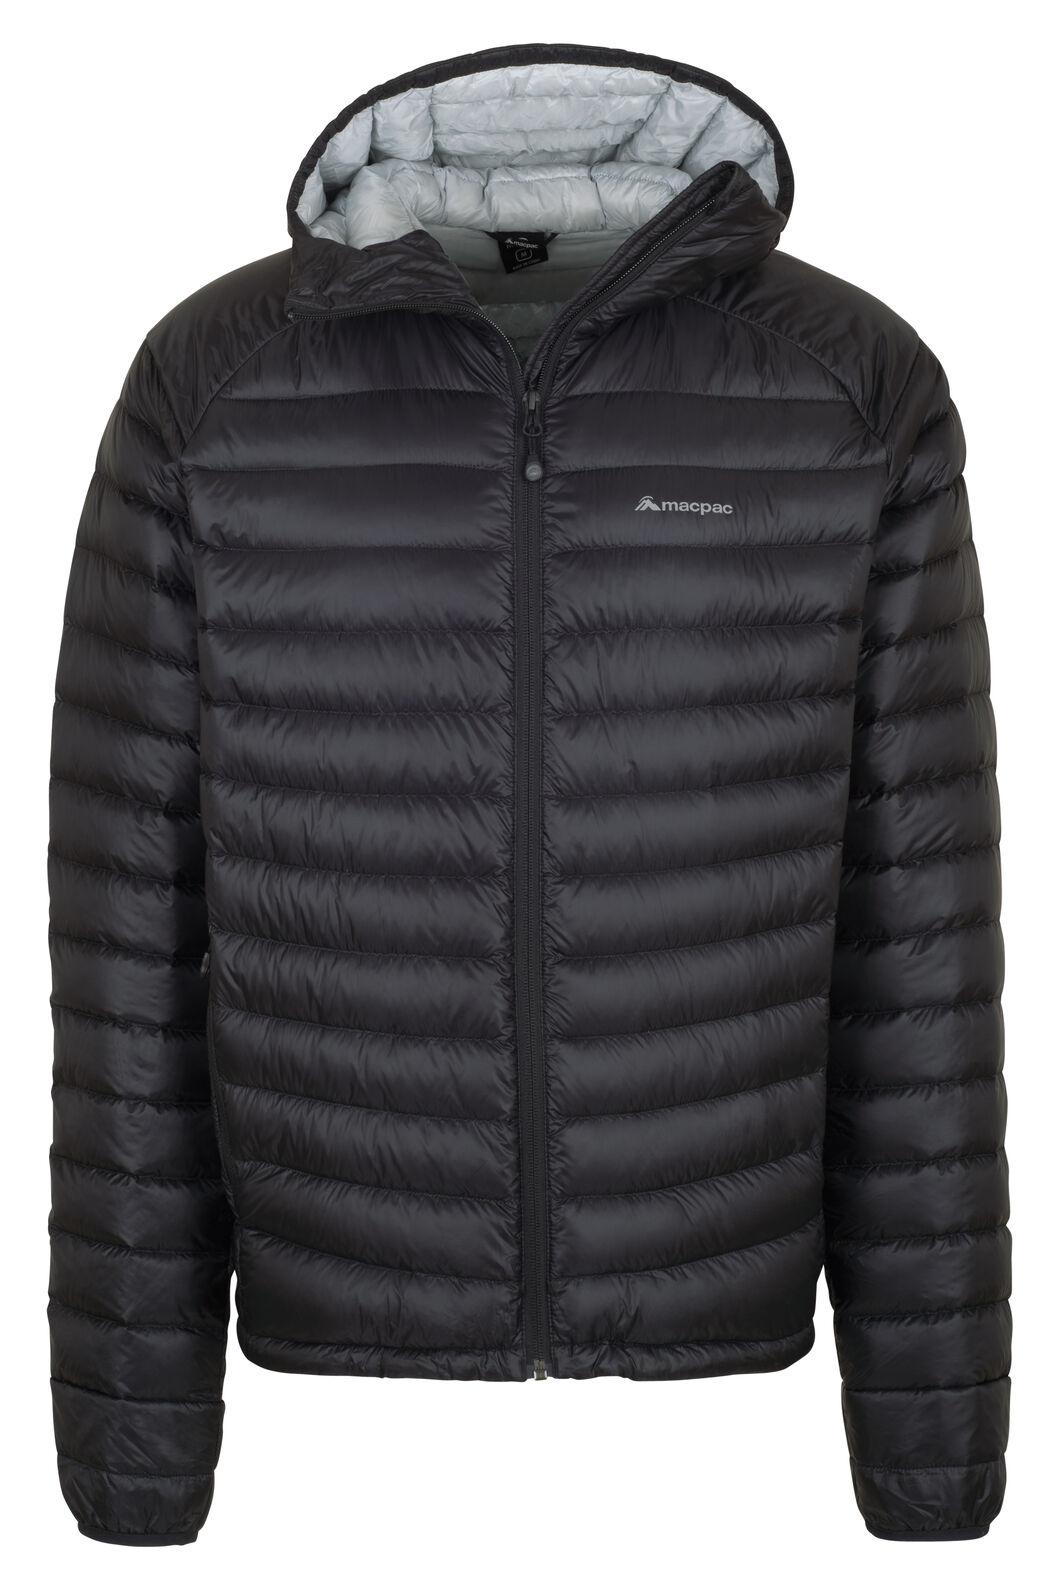 Macpac Icefall HyperDRY™ Hooded Jacket — Men's, Black, hi-res